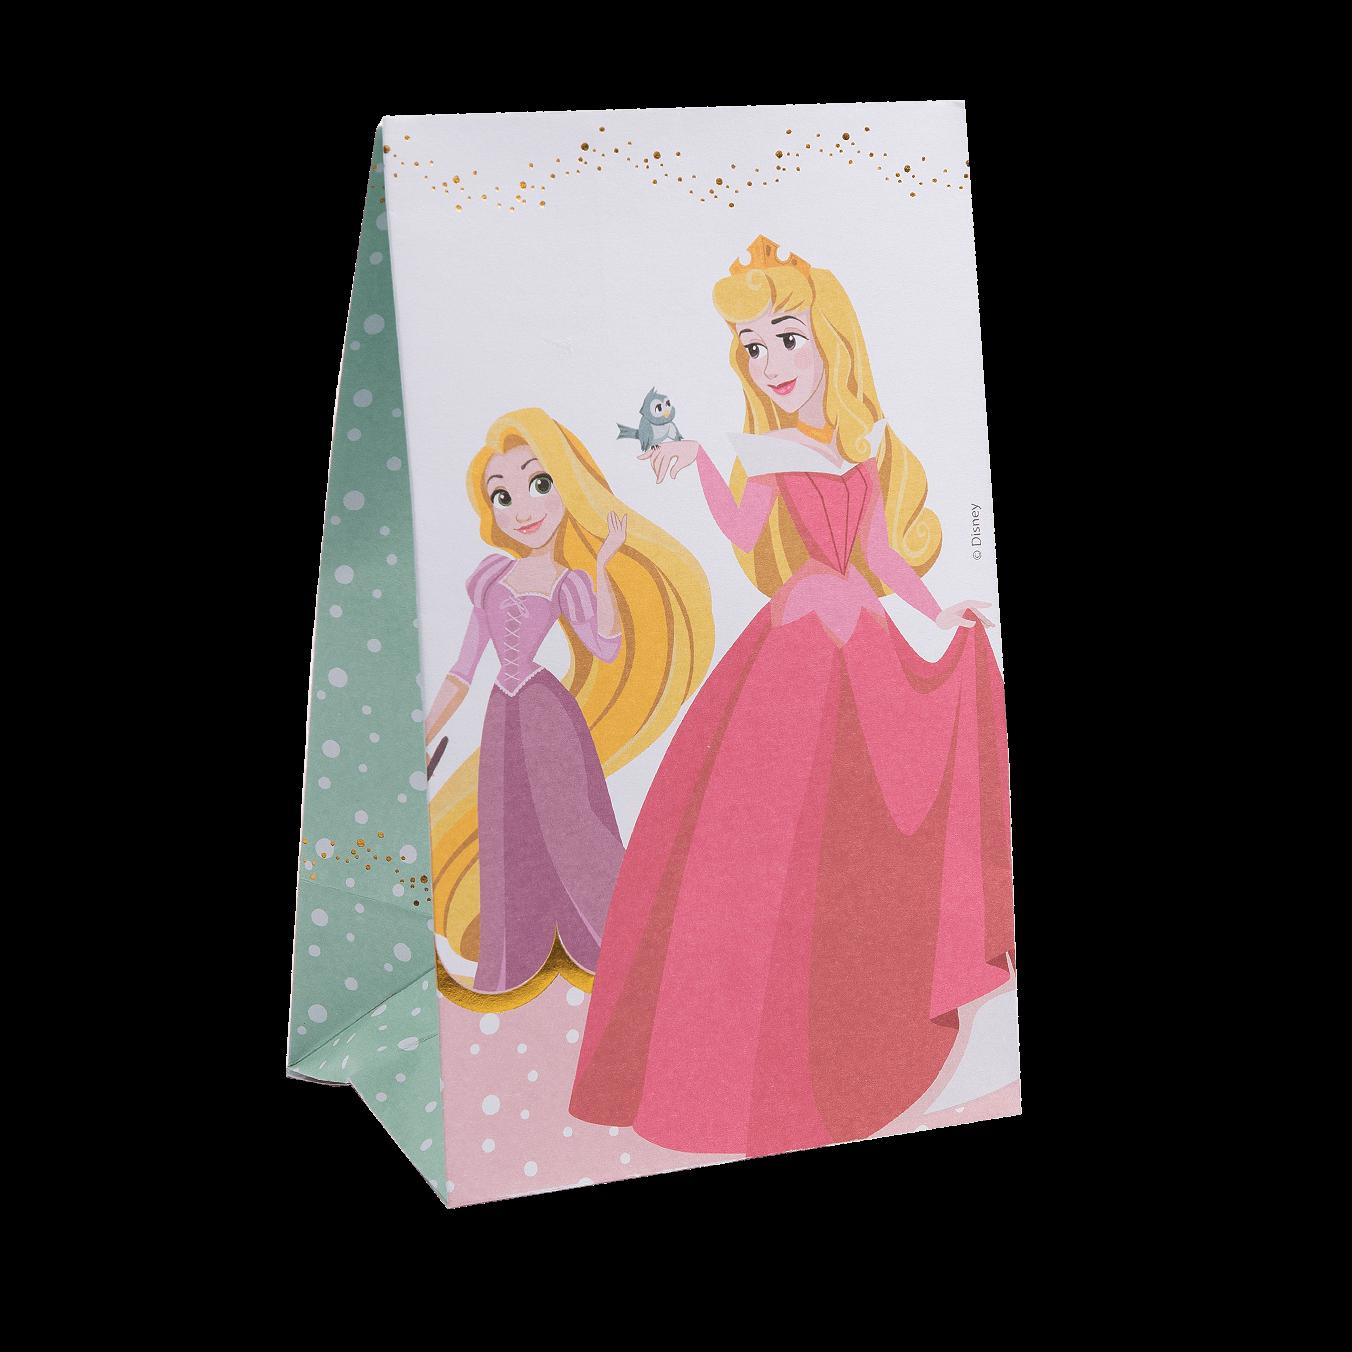 Imagen de producto: https://tienda.postreadiccion.com/img/articulos/secundarias13142-6-bolsitas-de-papel-de-princesas-disney-1.png